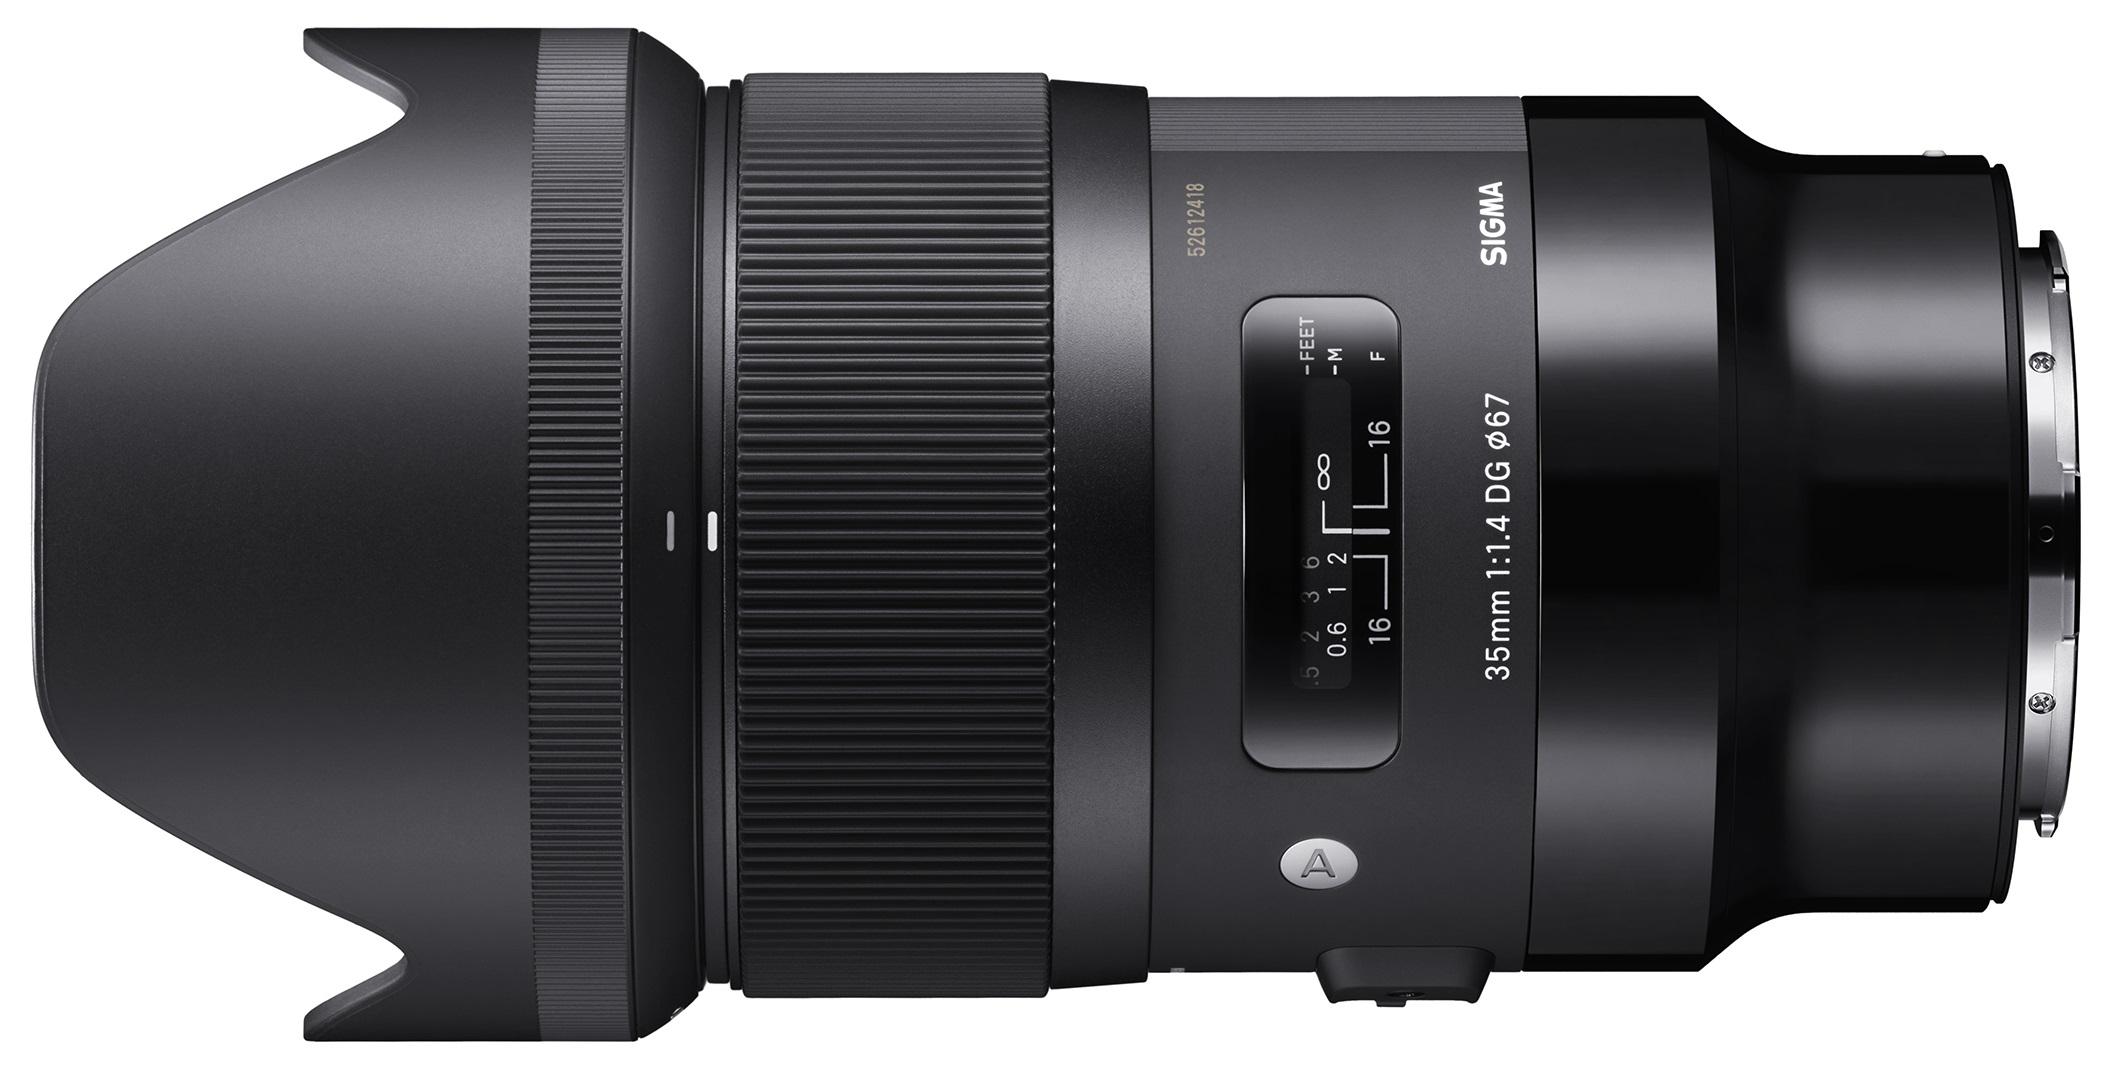 SIGMA 35 mm f/1,4 DG HSM Art pro L-mount